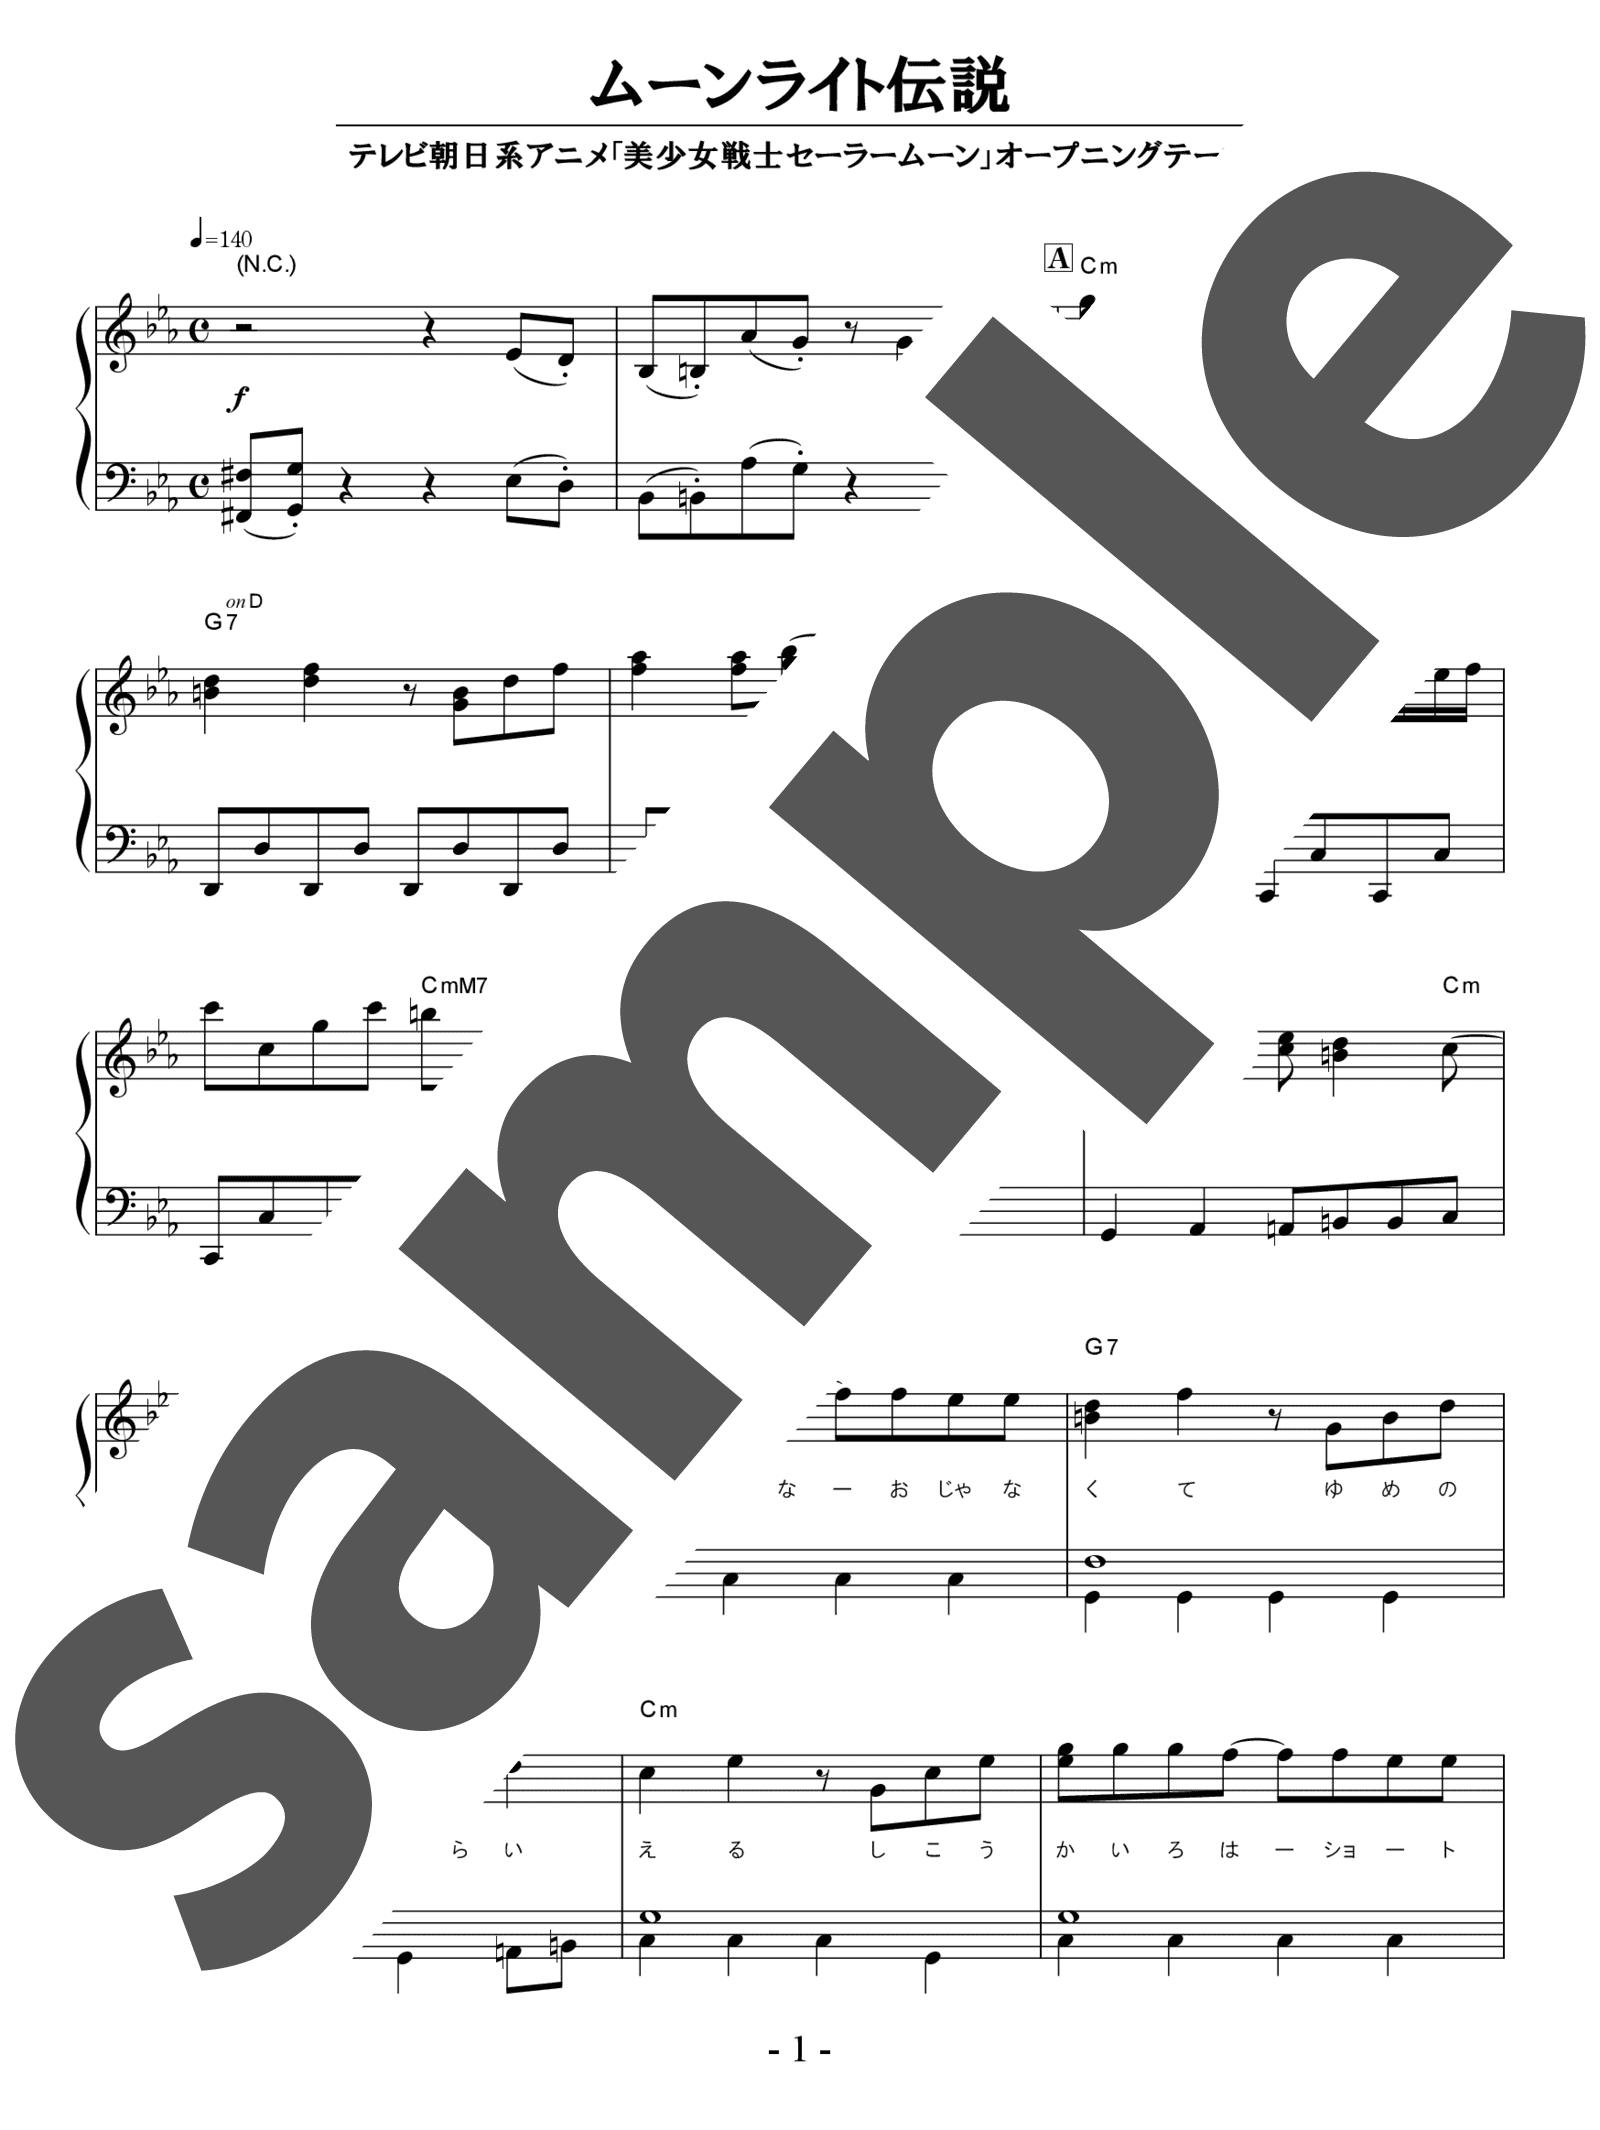 「ムーンライト伝説」のサンプル楽譜